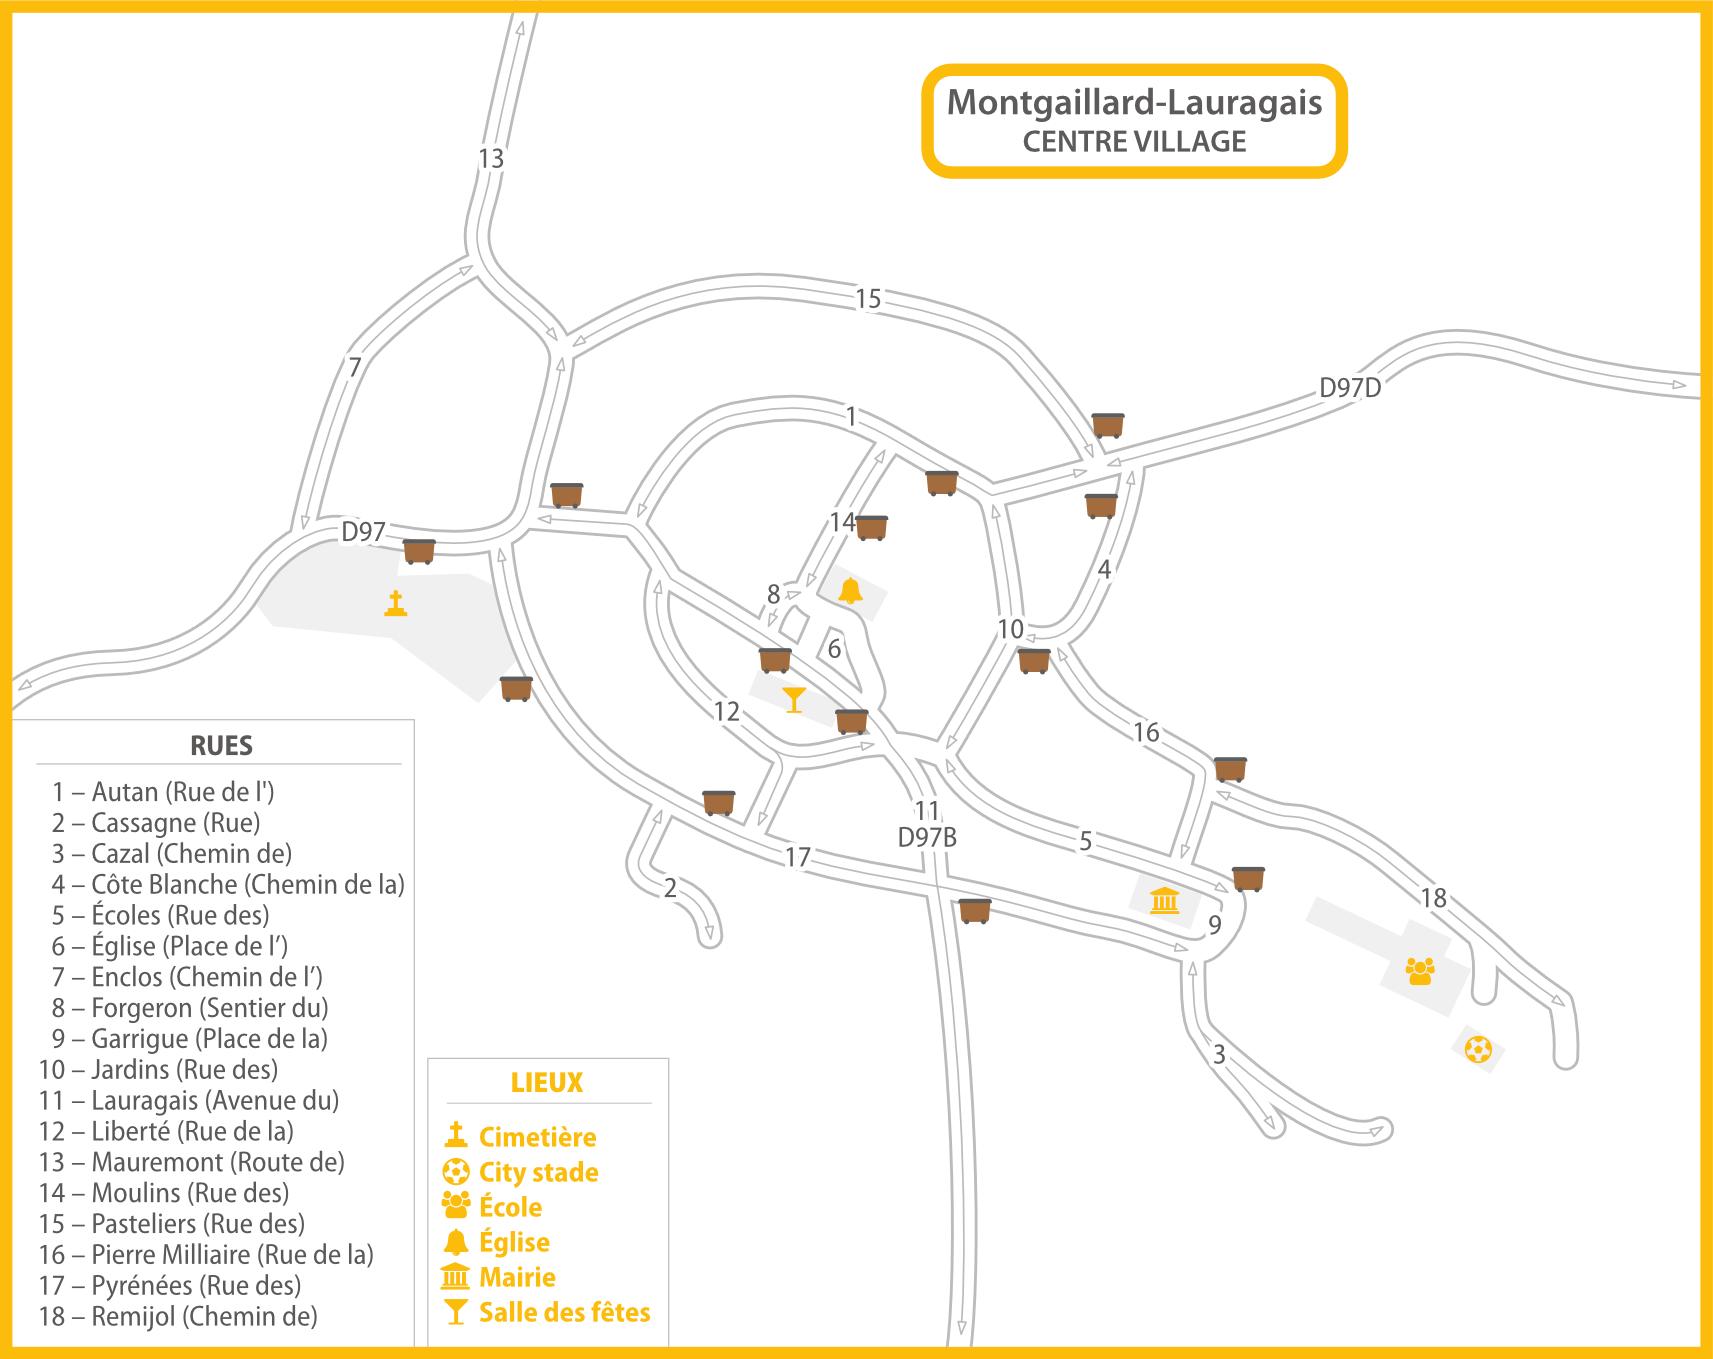 Plan de Montgaillard-Lauragais centre container ordures ménagères